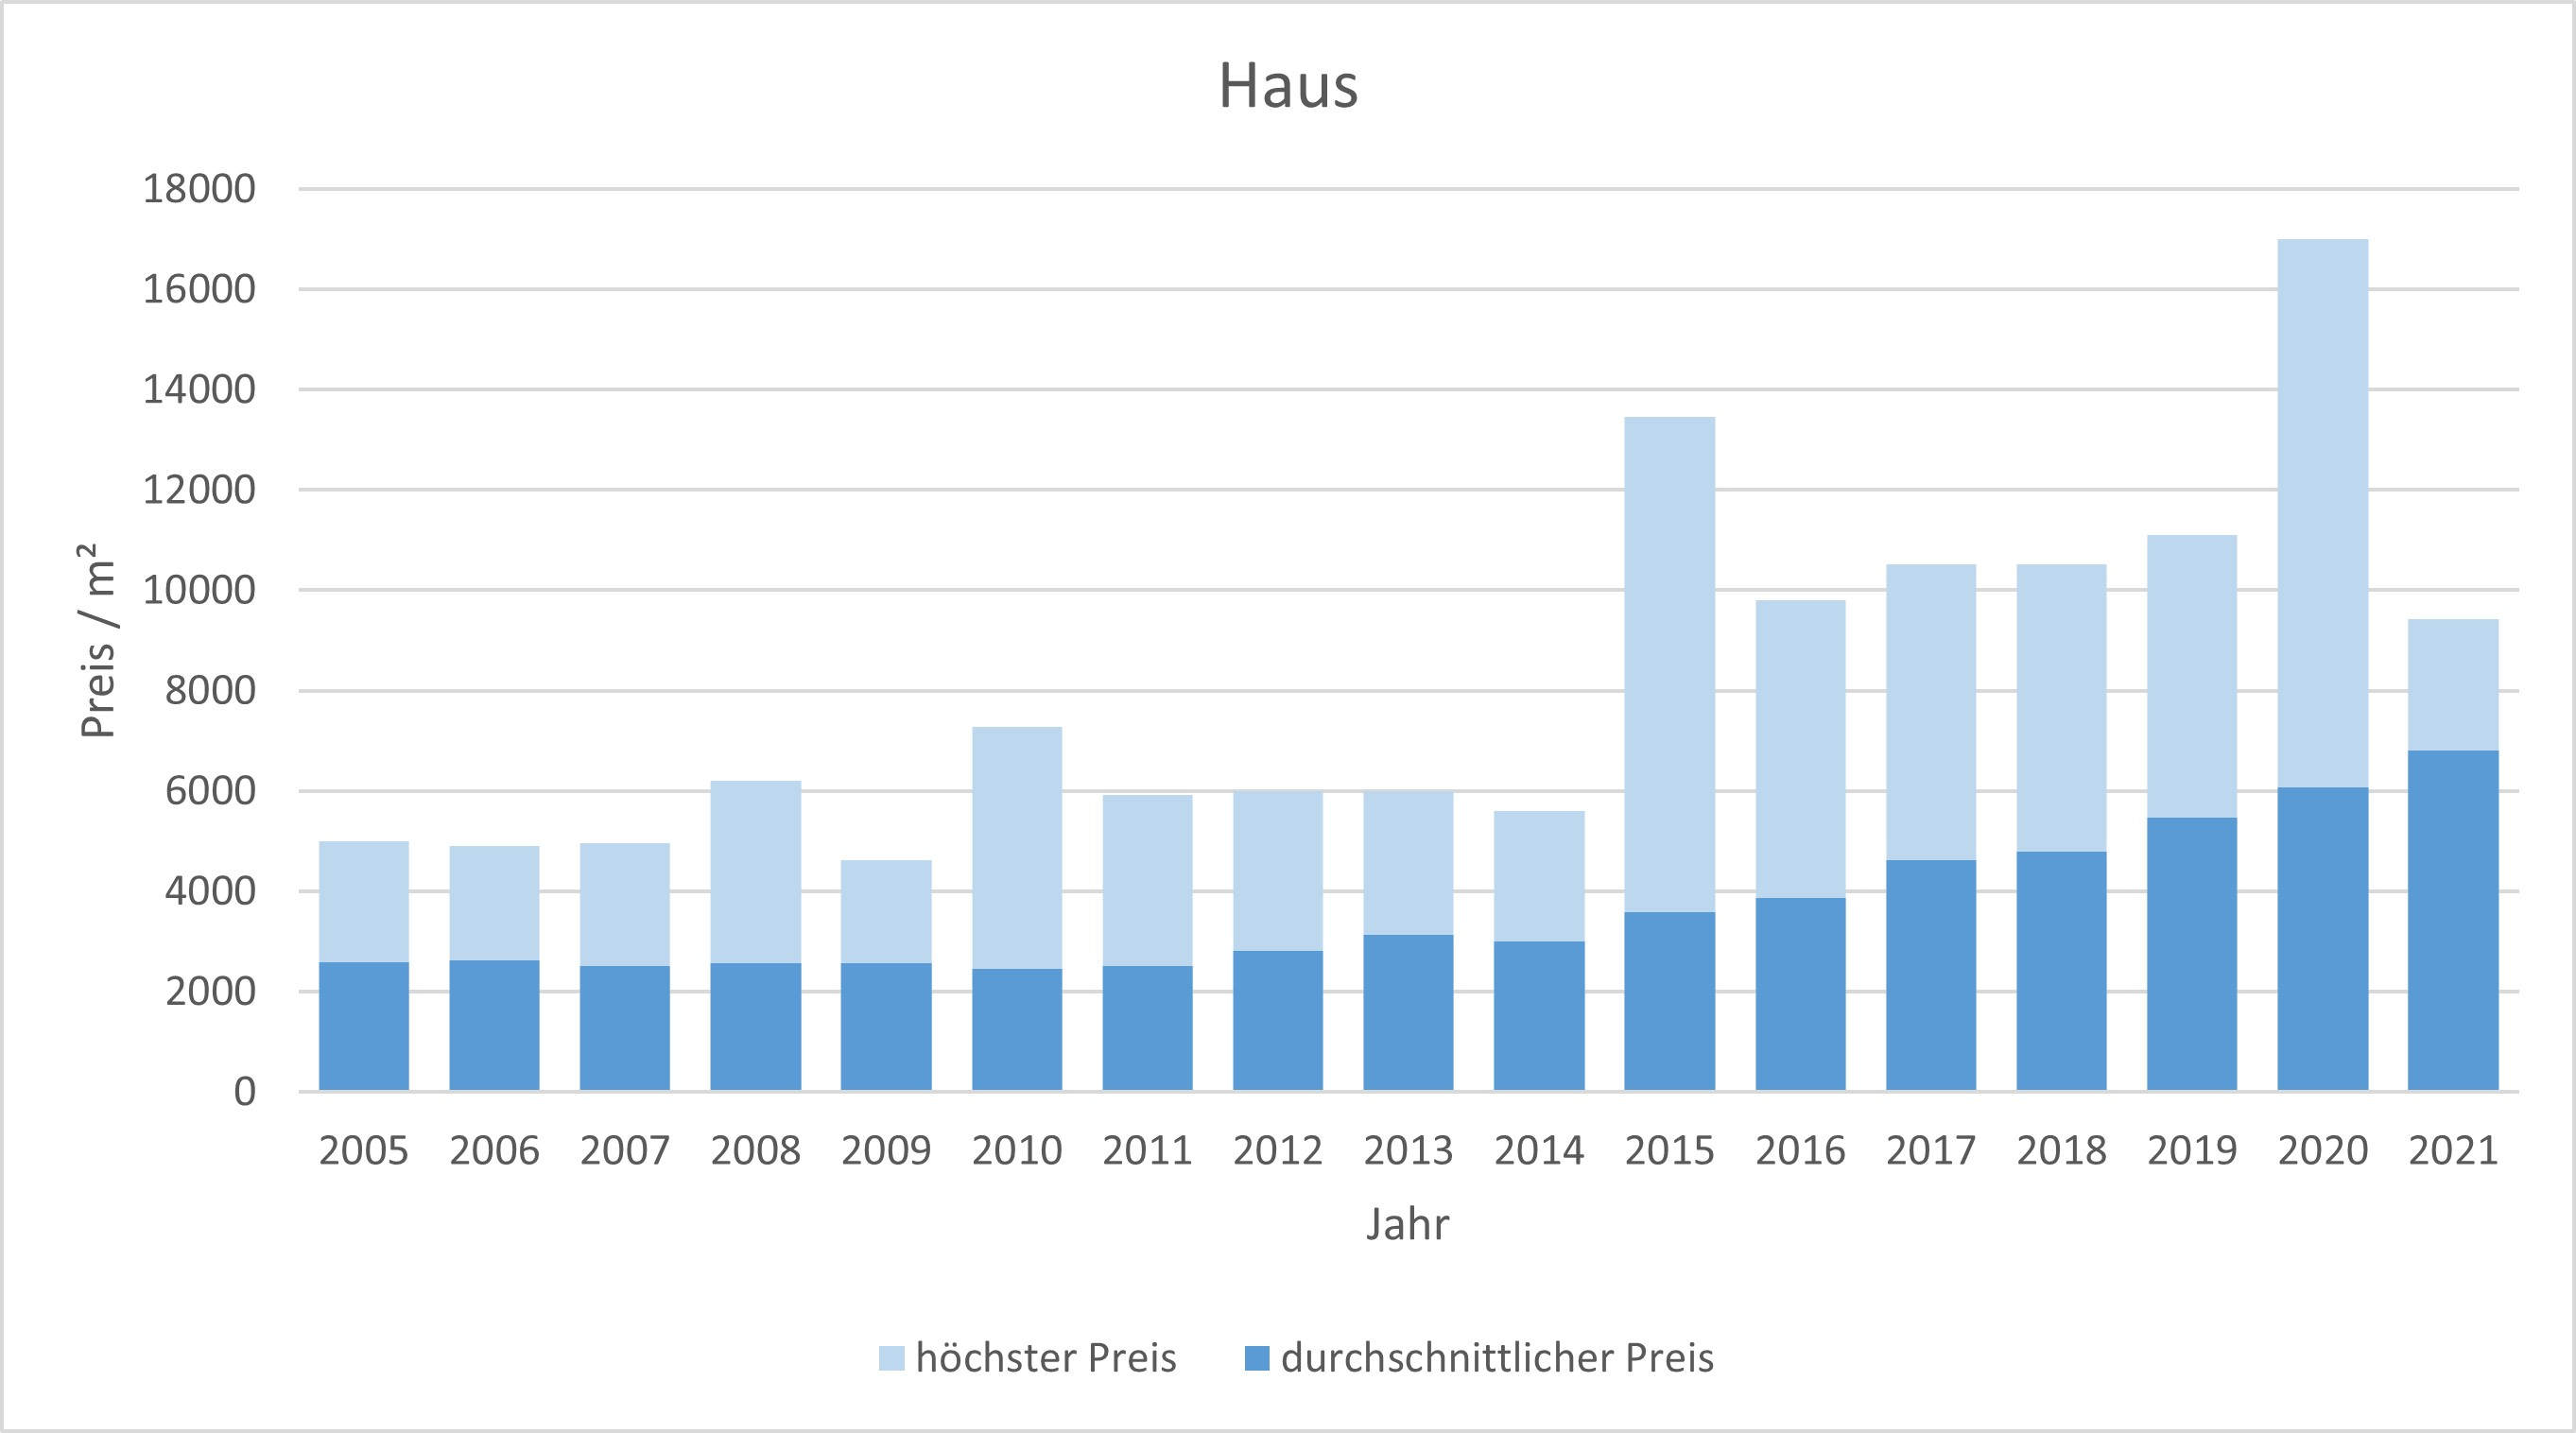 Feldkirchen-Westerham Haus kaufen verkaufen Preis 2019 2020 2021  Bewertung Makler www.happy-immo.de